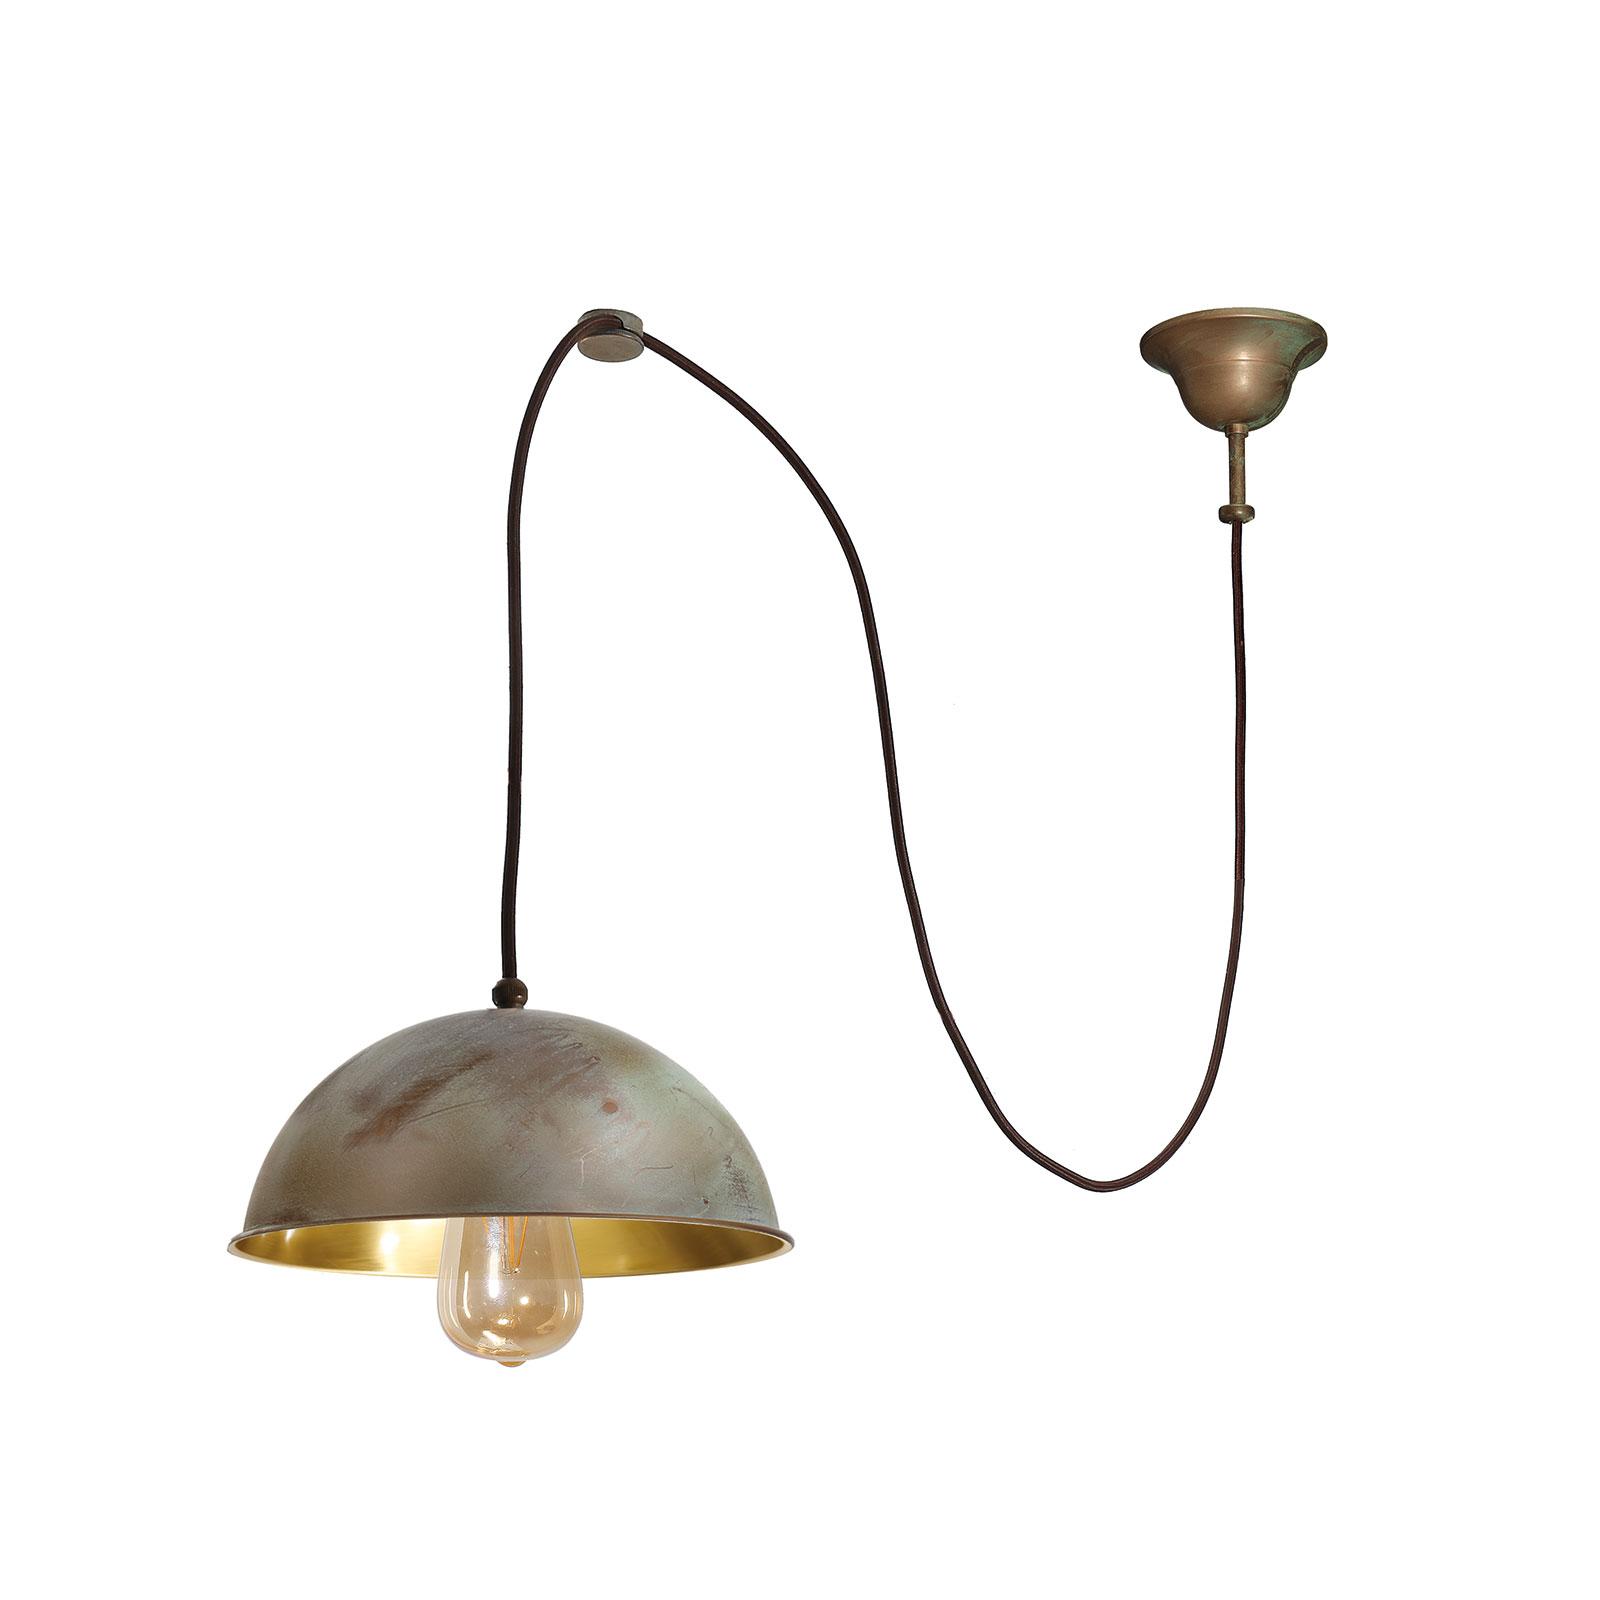 Hanglamp Circle decentraal 1-lamp messing antiek